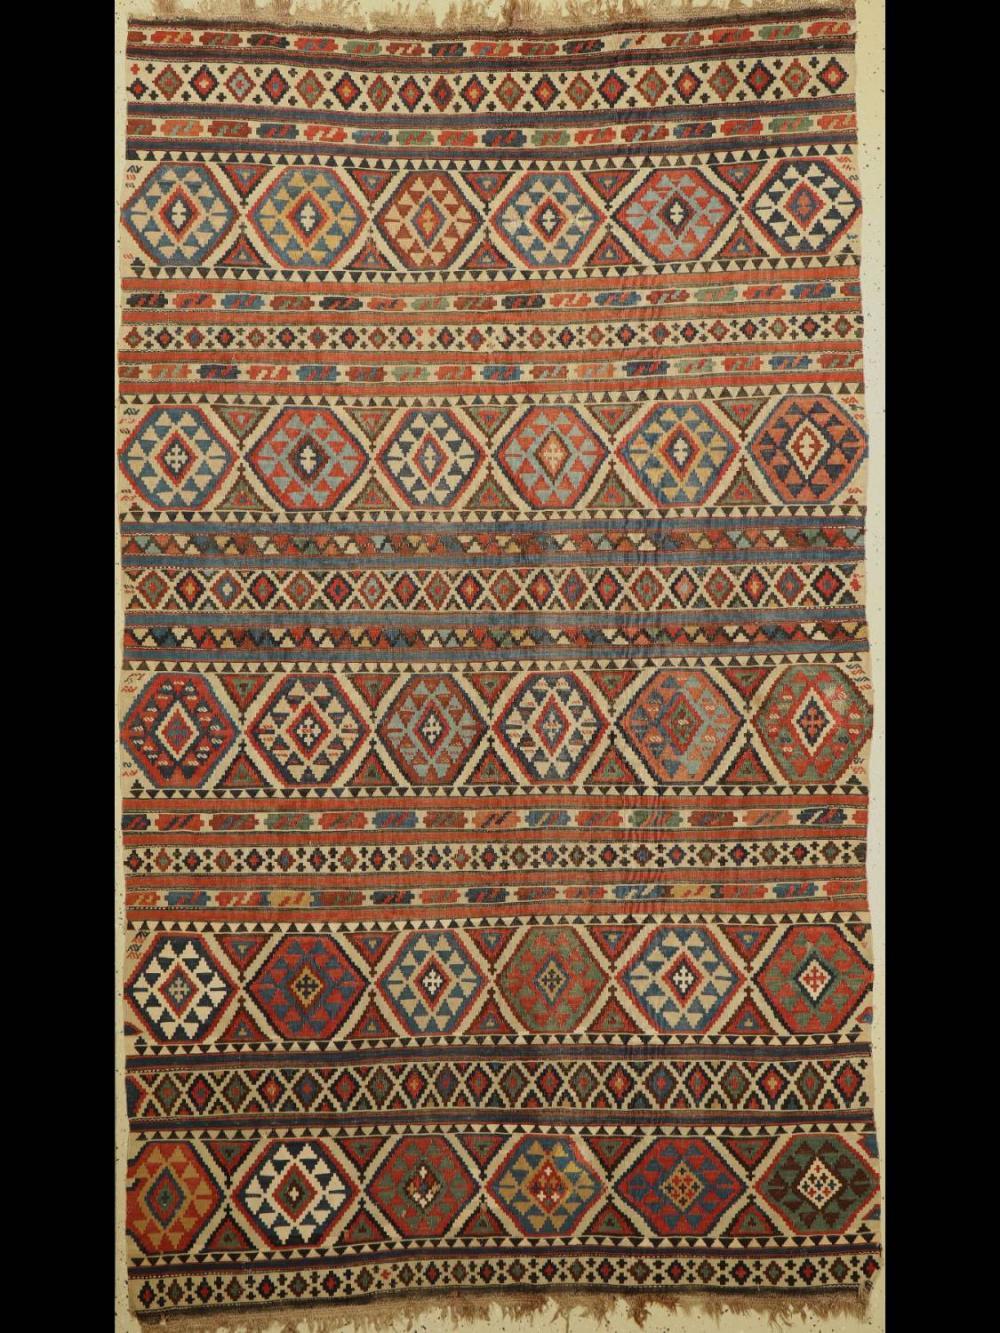 Antique Shirvan Kilim, Caucasus, 19th century,wool woven